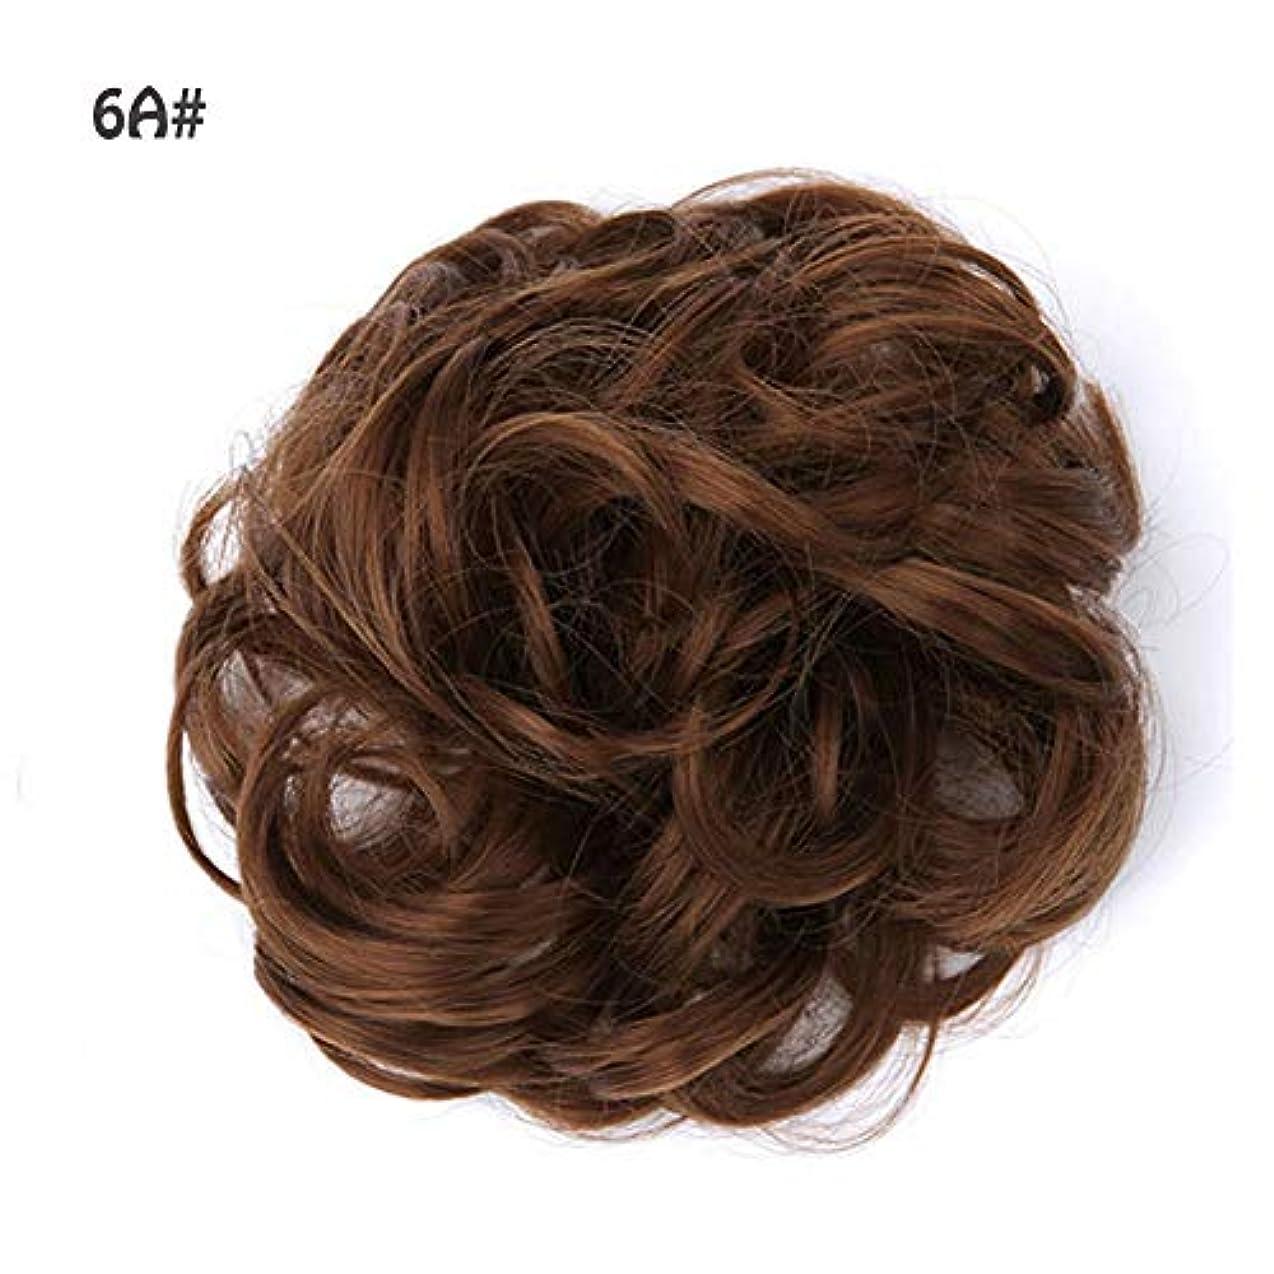 無視するきょうだい持続的ポニーテールドーナツシニョン拡張機能、女性のためのカーリー波状の作品、乱雑なシュシュ髪お団子リボンアクセサリー